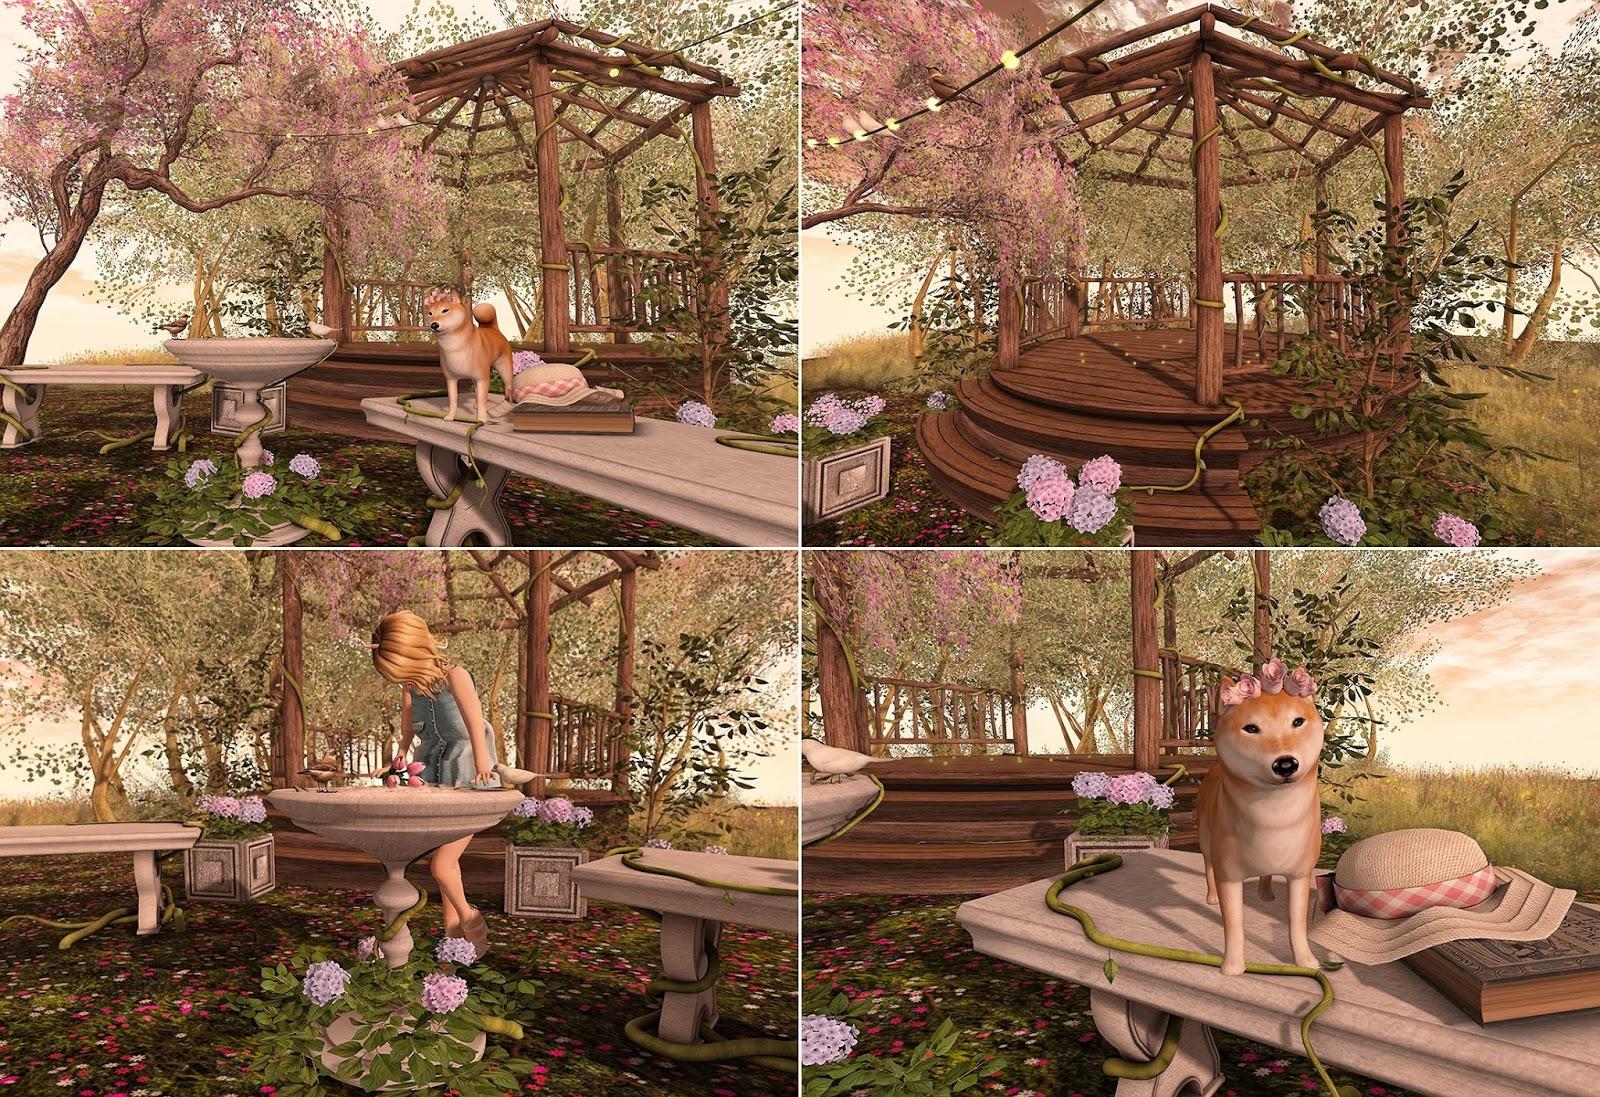 My Secret Garden: Cinderella Fashionista: ♫My Secret Garden's Not So Secret